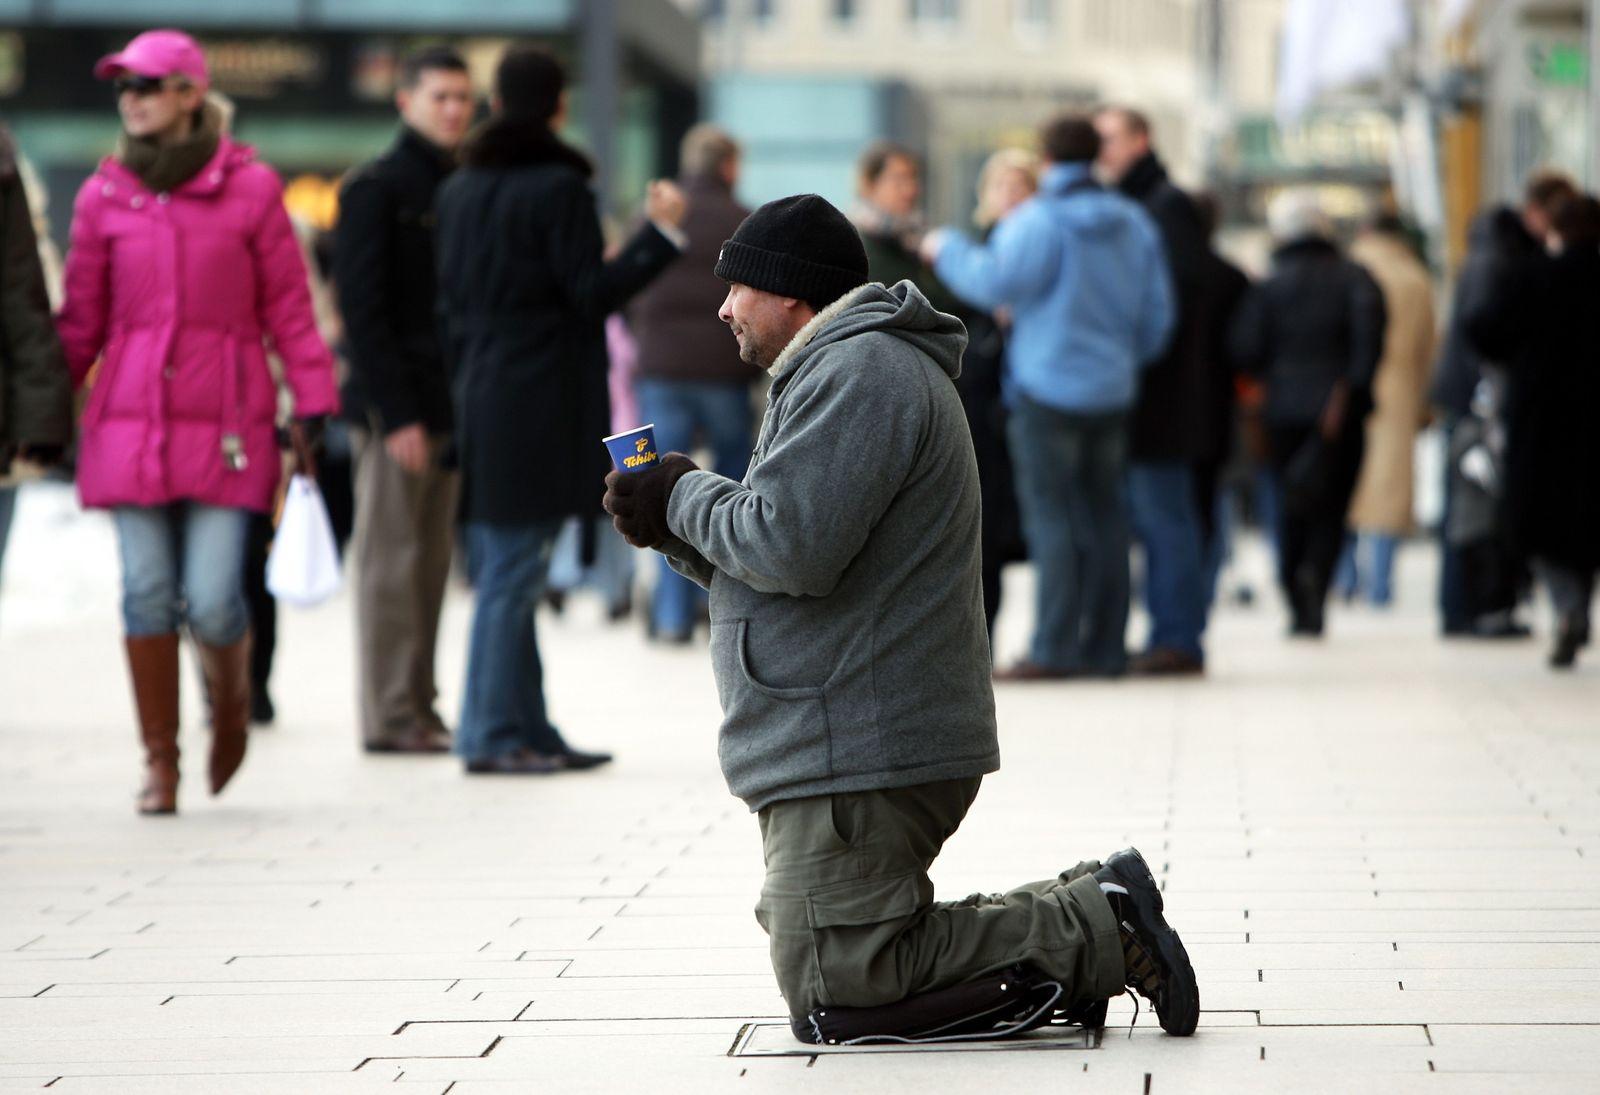 Bettler in der Hamburger Innenstadt / Armut / Ungleichheit